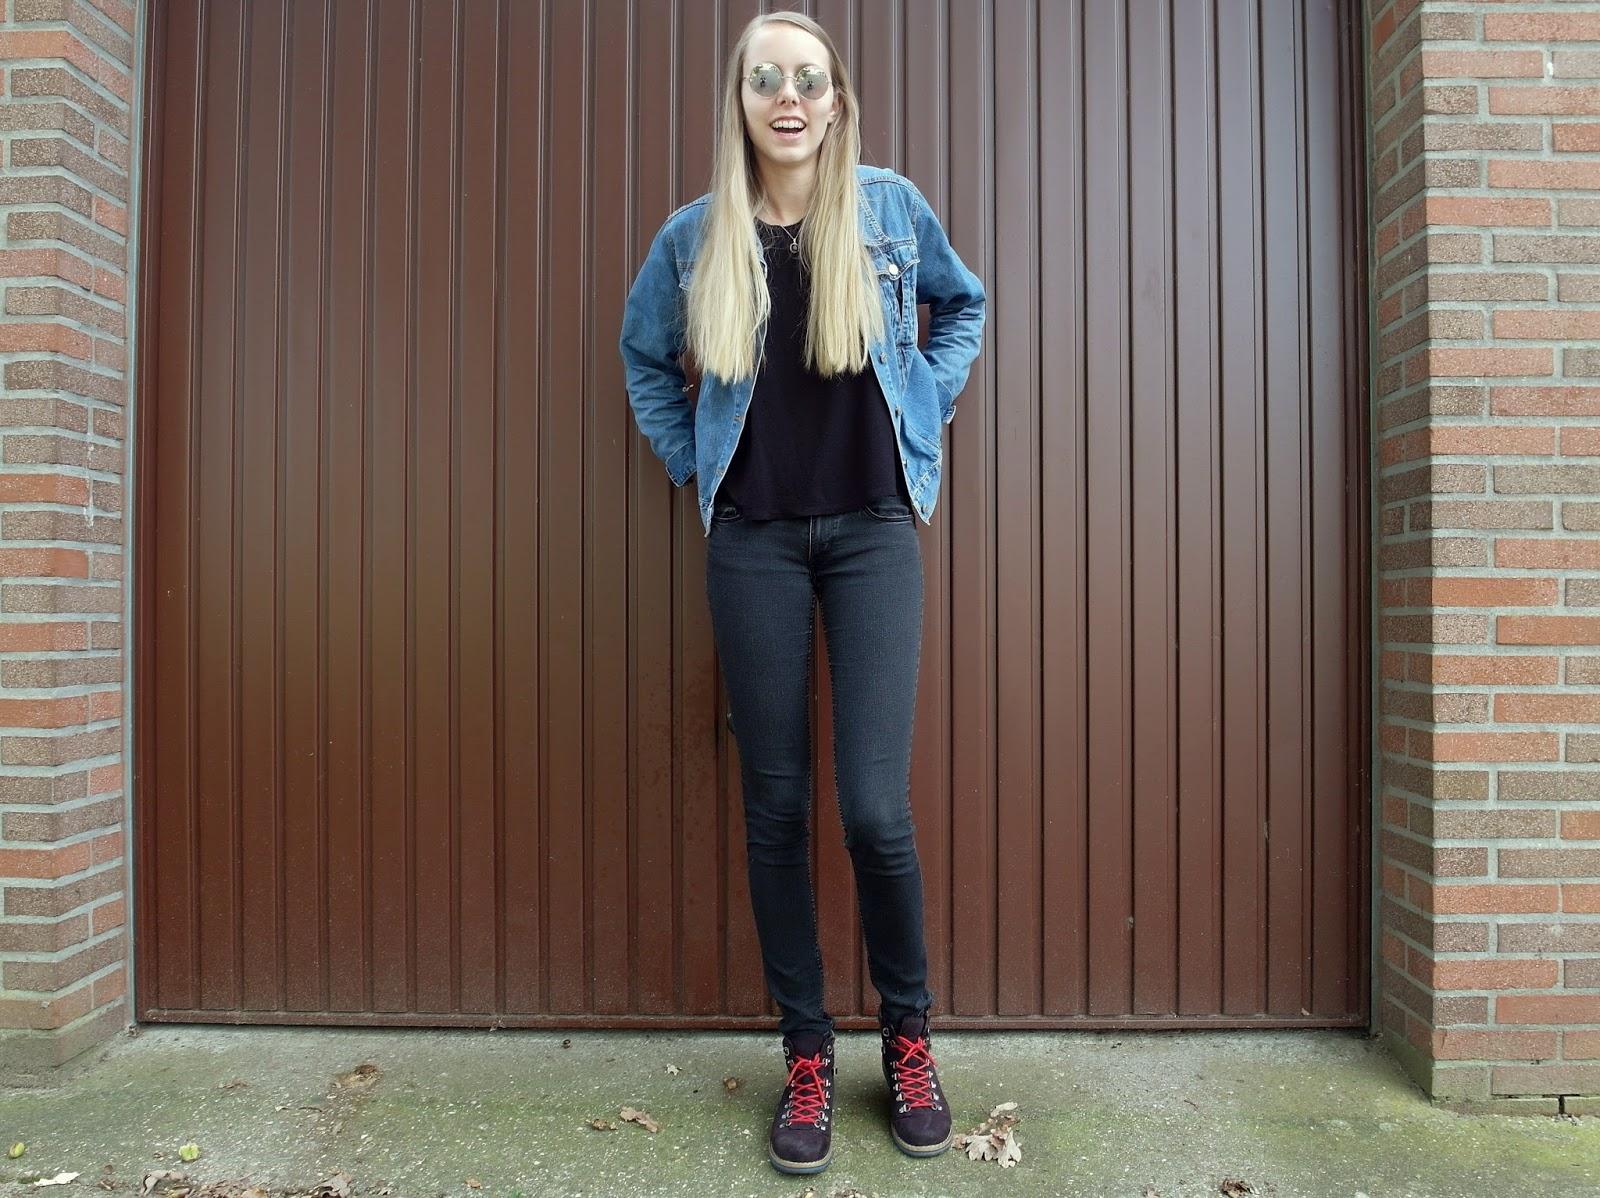 Tweedehands mode blog vintage kleding outfit inspiratie oversized spijkerjasje ronde zonnebril retro stijl